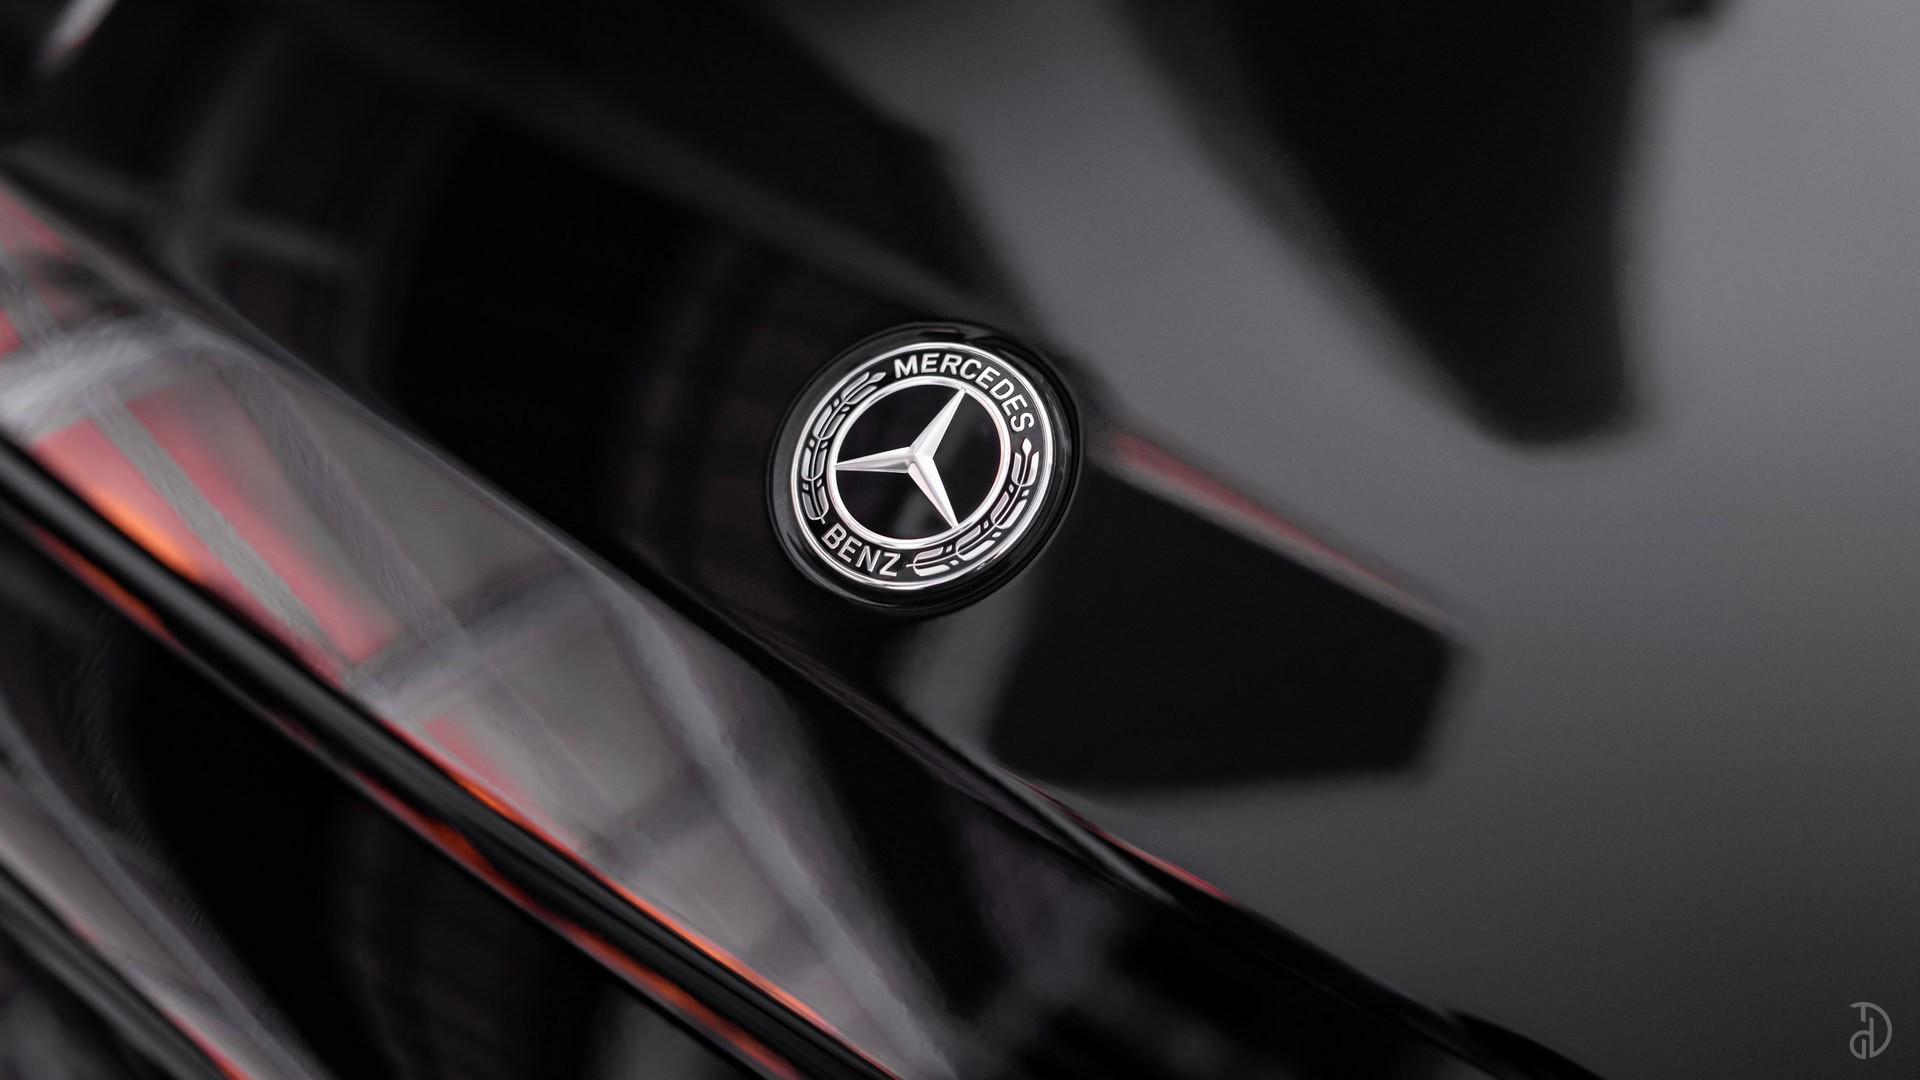 Аренда Гелендвагена Mercedes G 63 AMG 2021 (глянцевый) в Москве. Фото 10